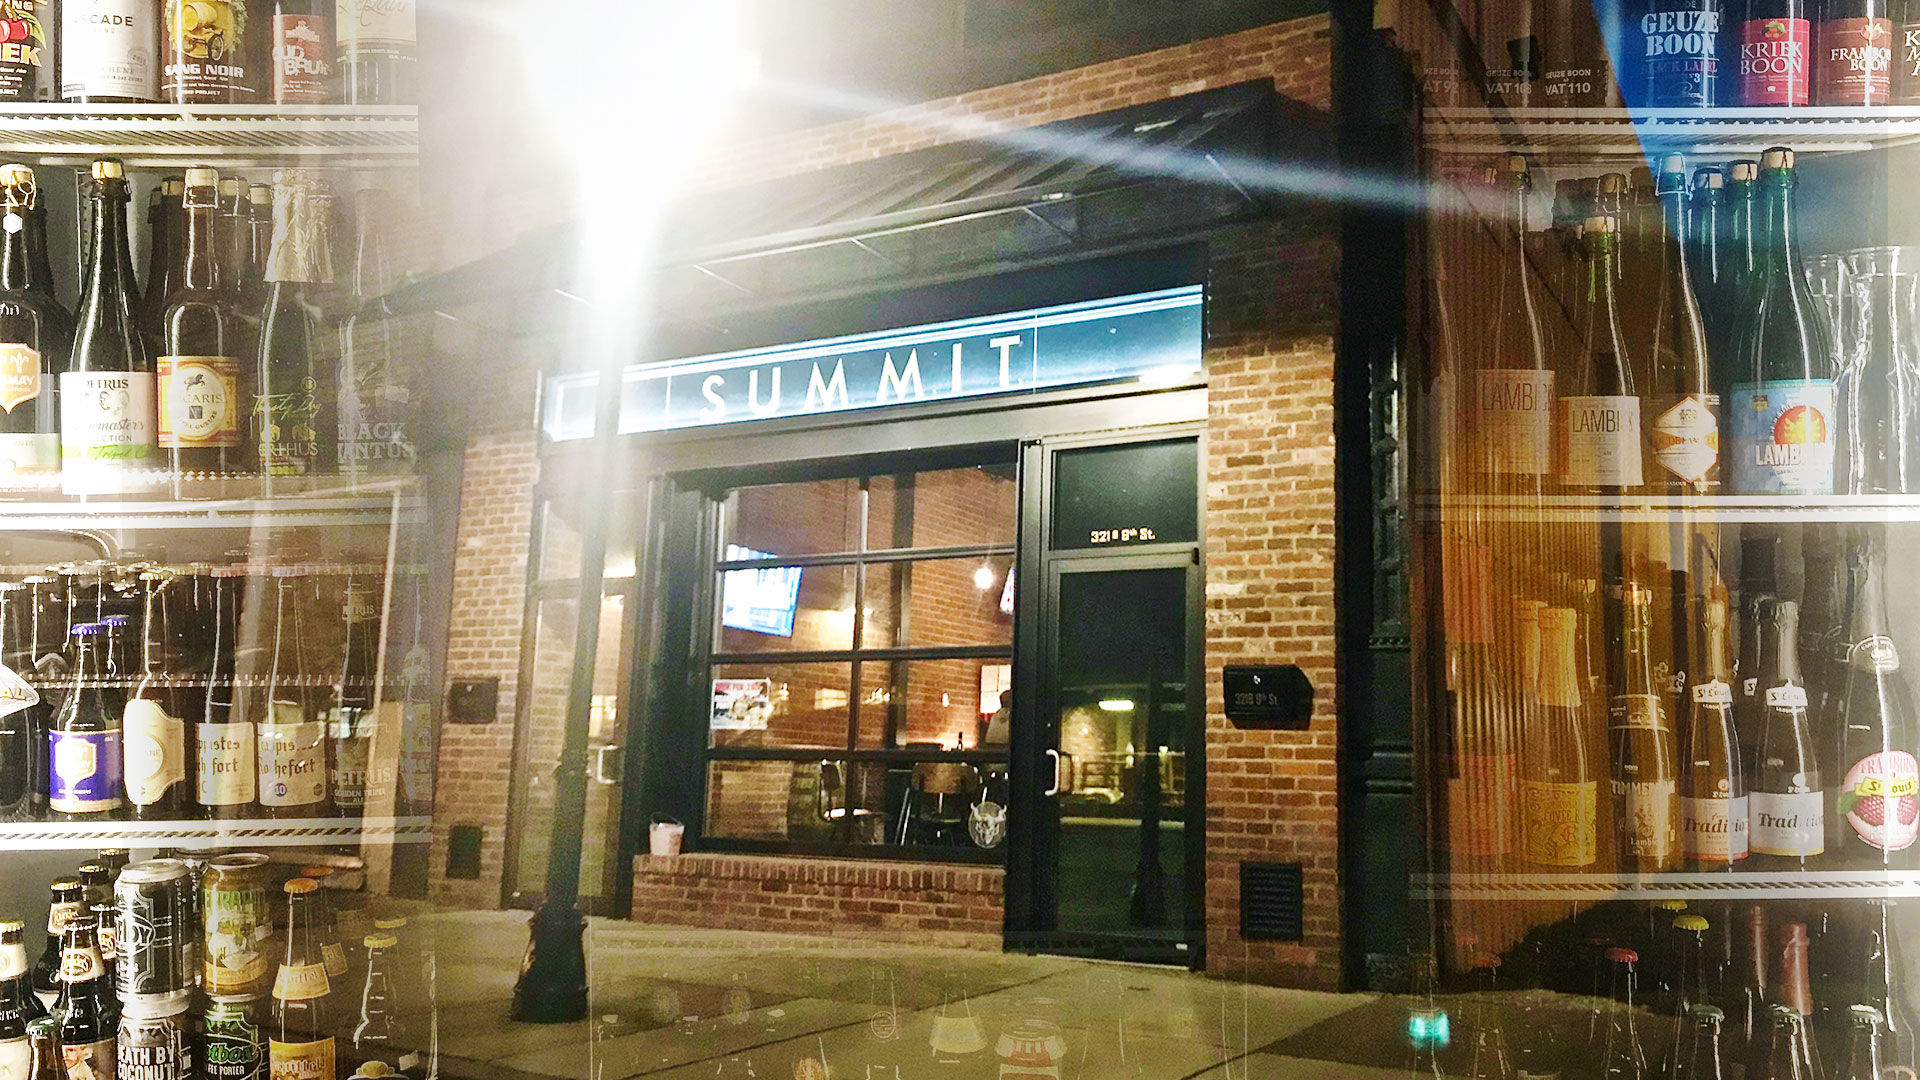 Summit Beer Station Named Best Beer Bar In West Virginia